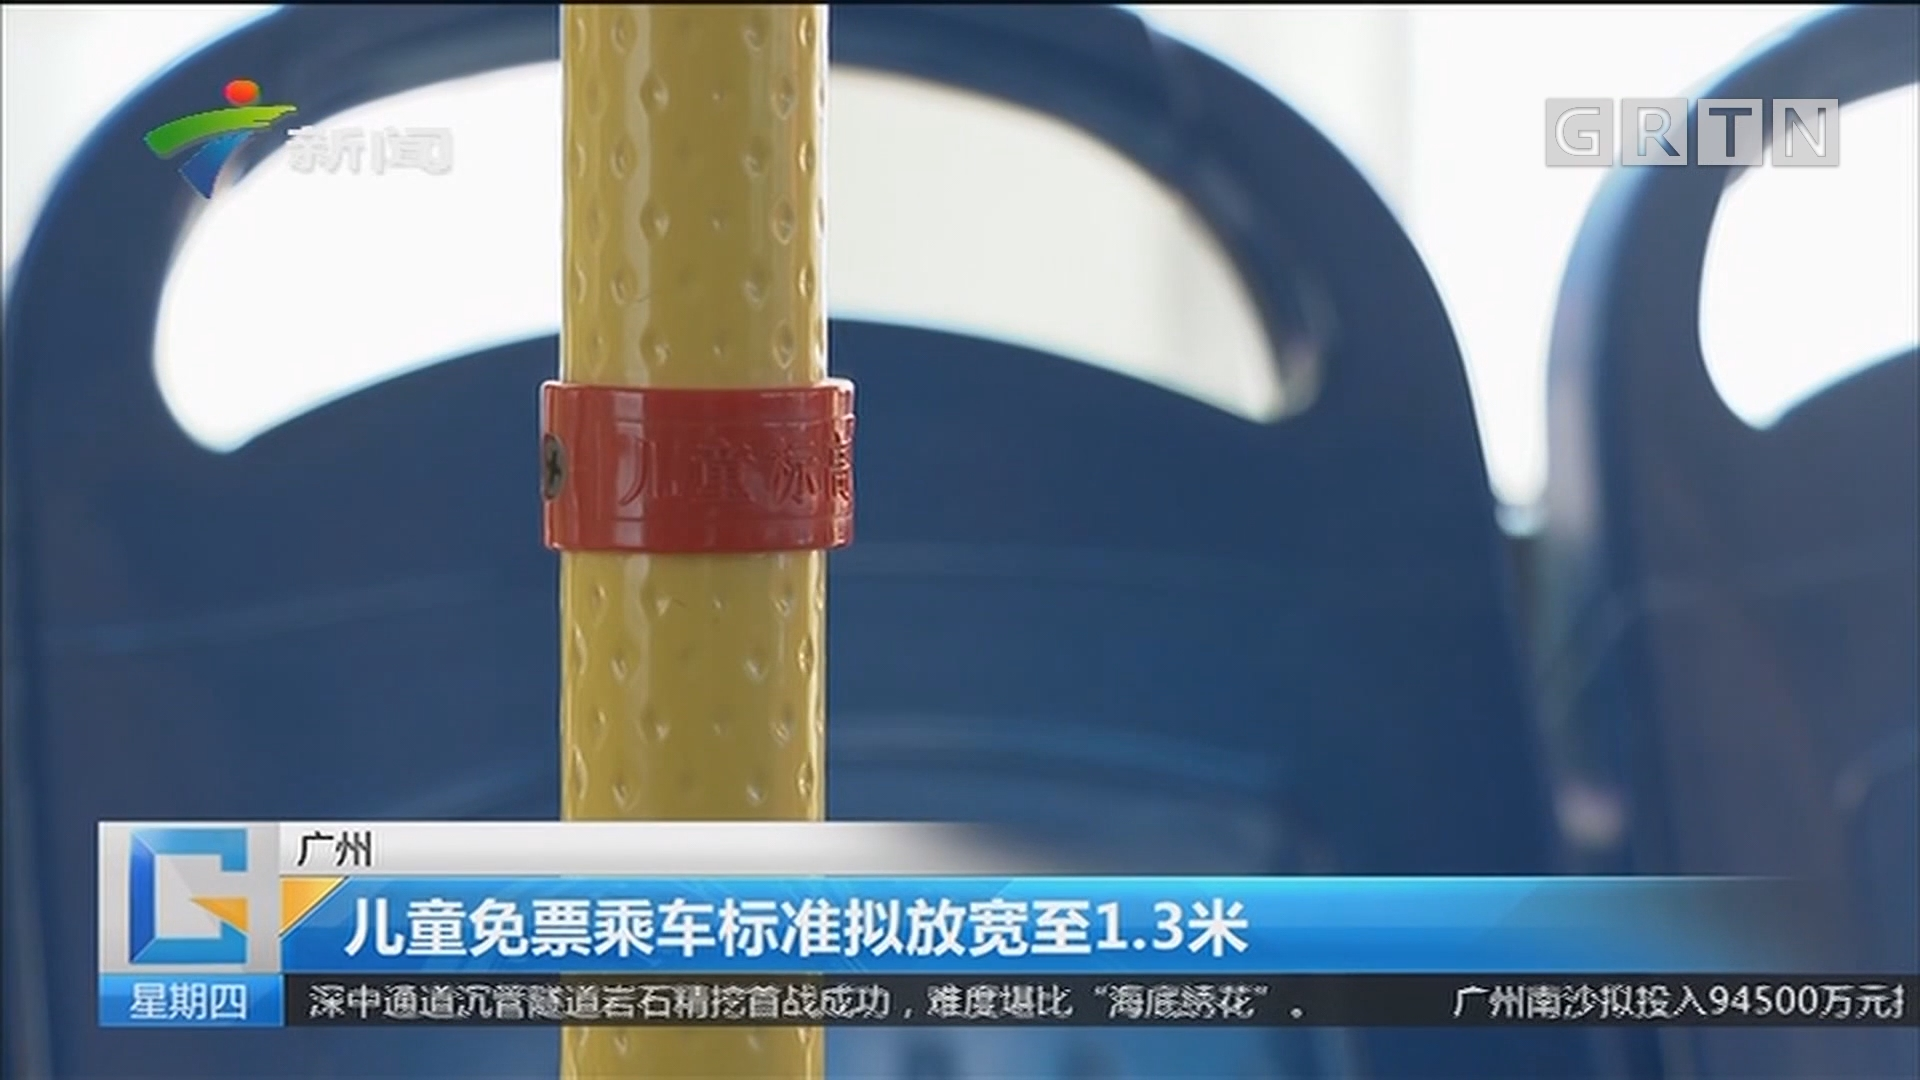 广州:儿童免票乘车标准拟放宽至1.3米